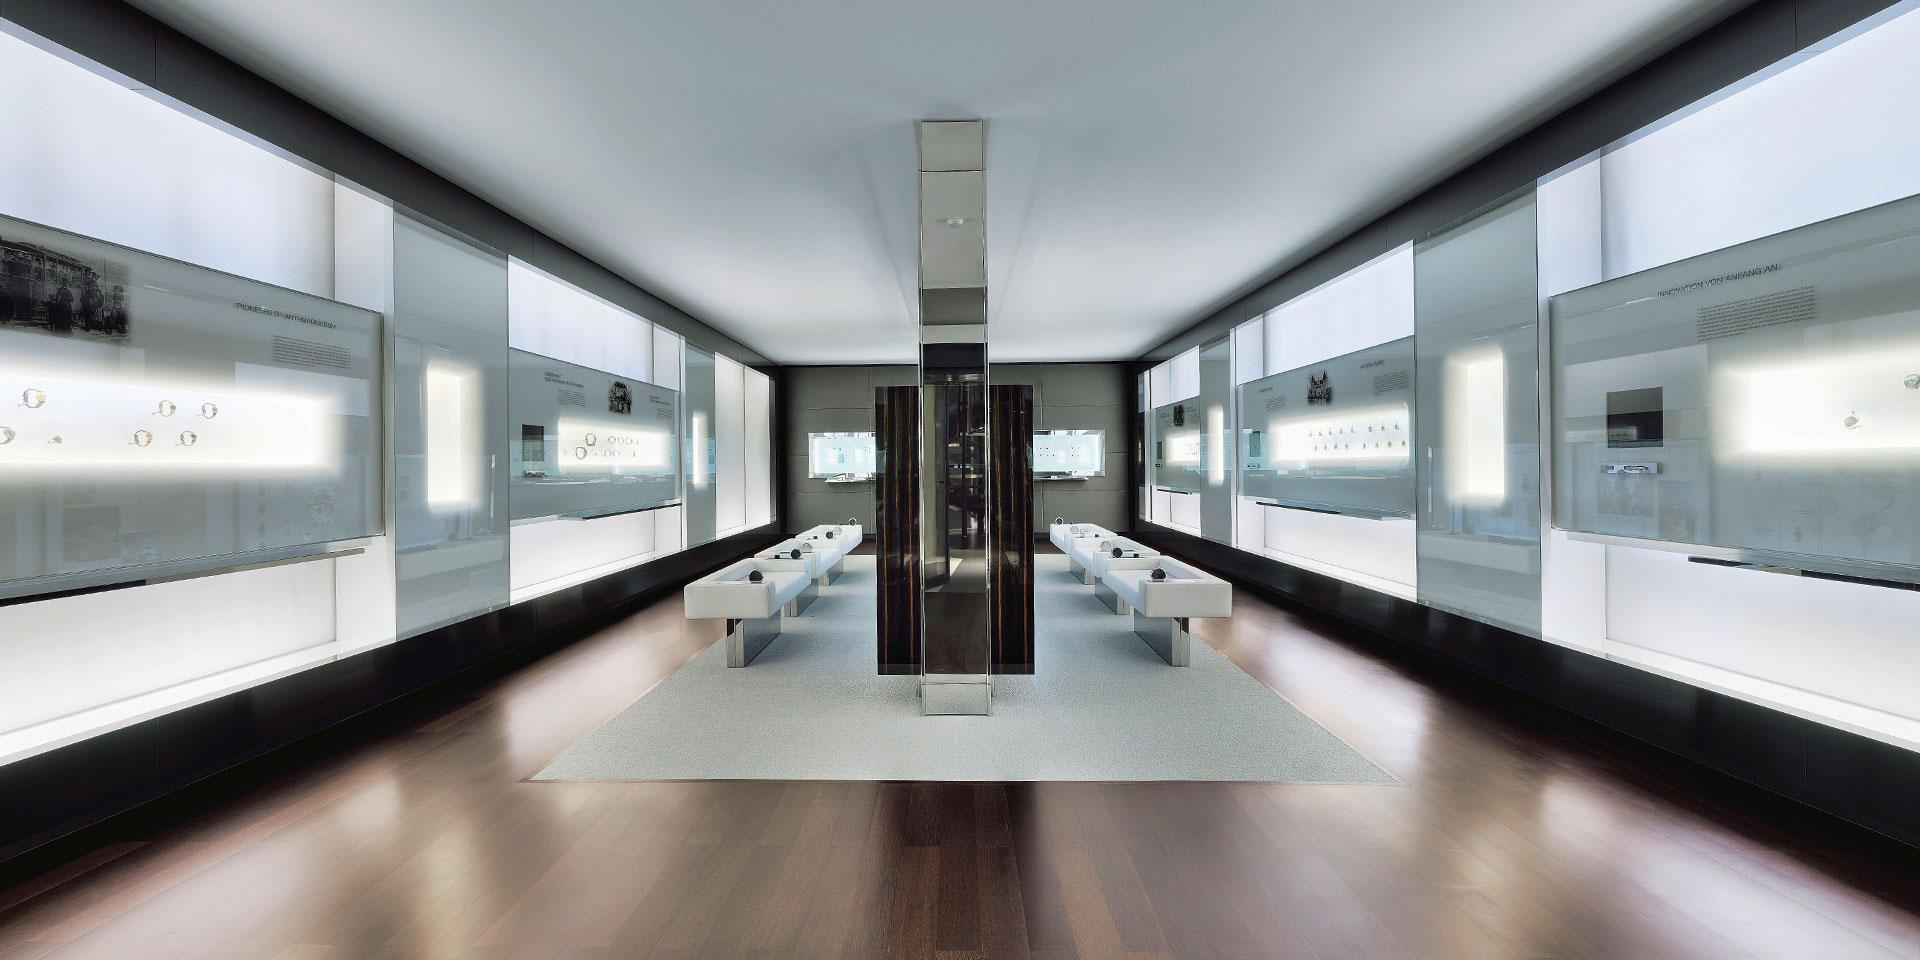 polster factory d pp polsterm bel neu beziehen polsterm bel neu beziehen polsterwerkstatt. Black Bedroom Furniture Sets. Home Design Ideas